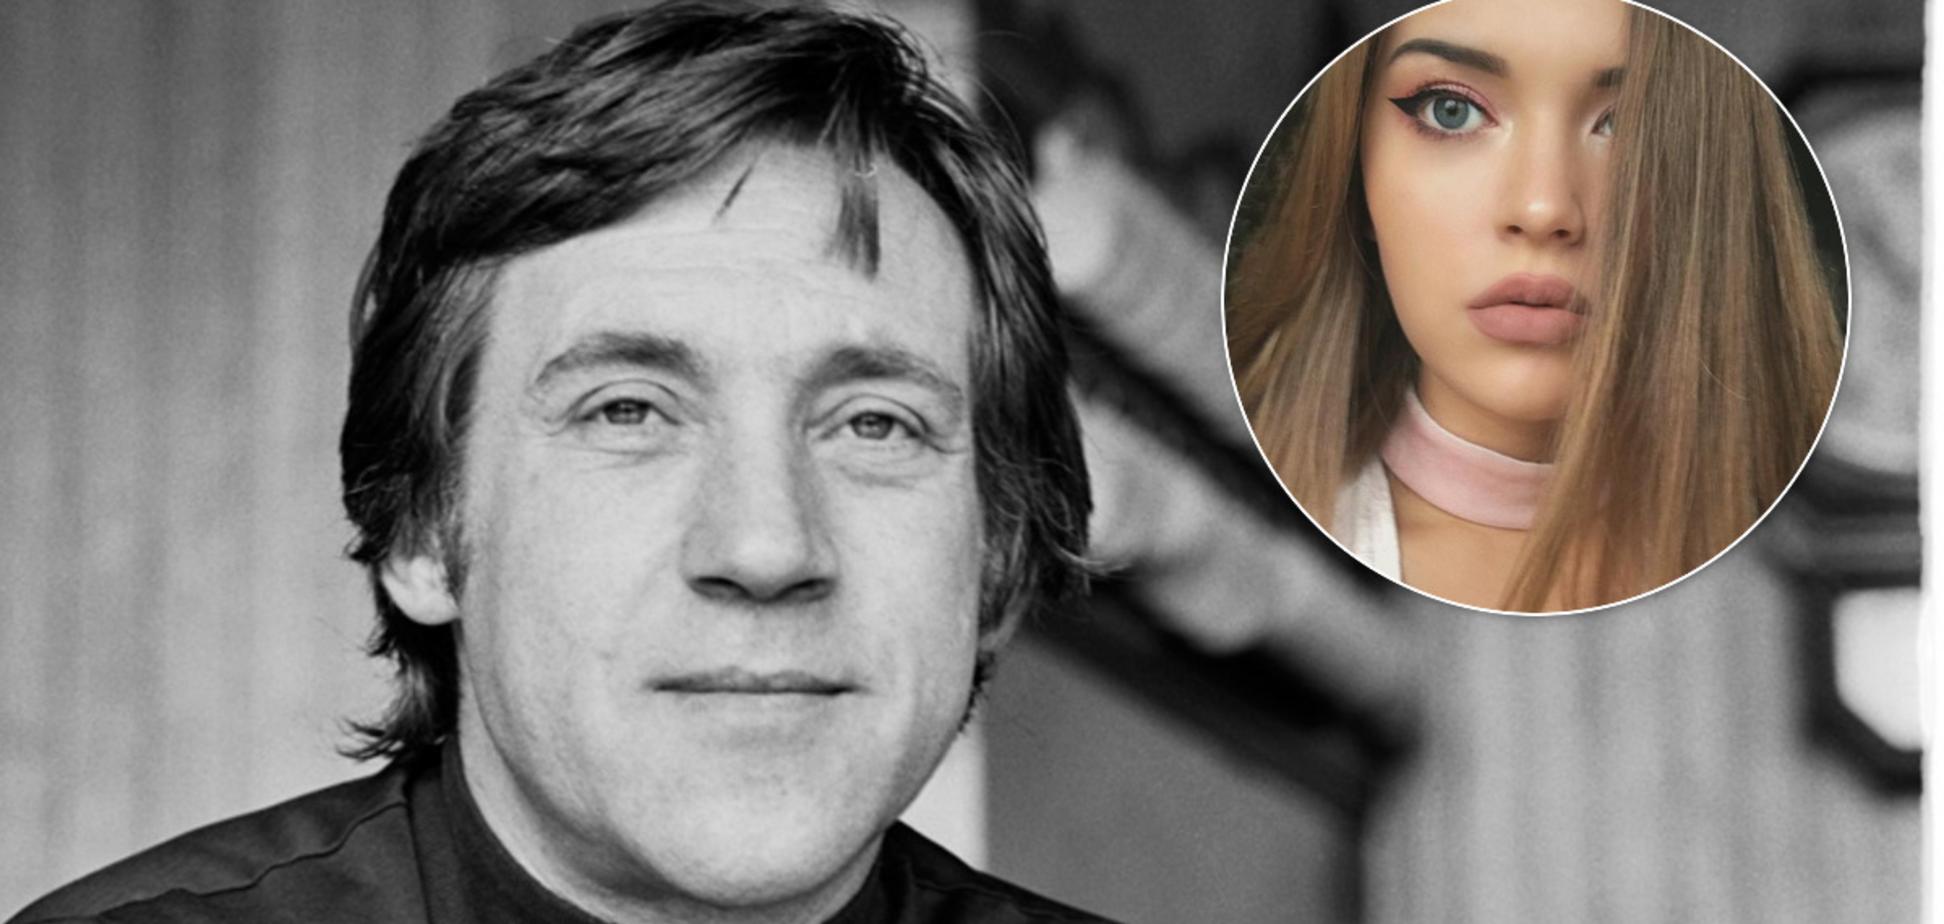 Внучка Высоцкого выросла настоящей красавицей: как выглядит 21-летняя девушка